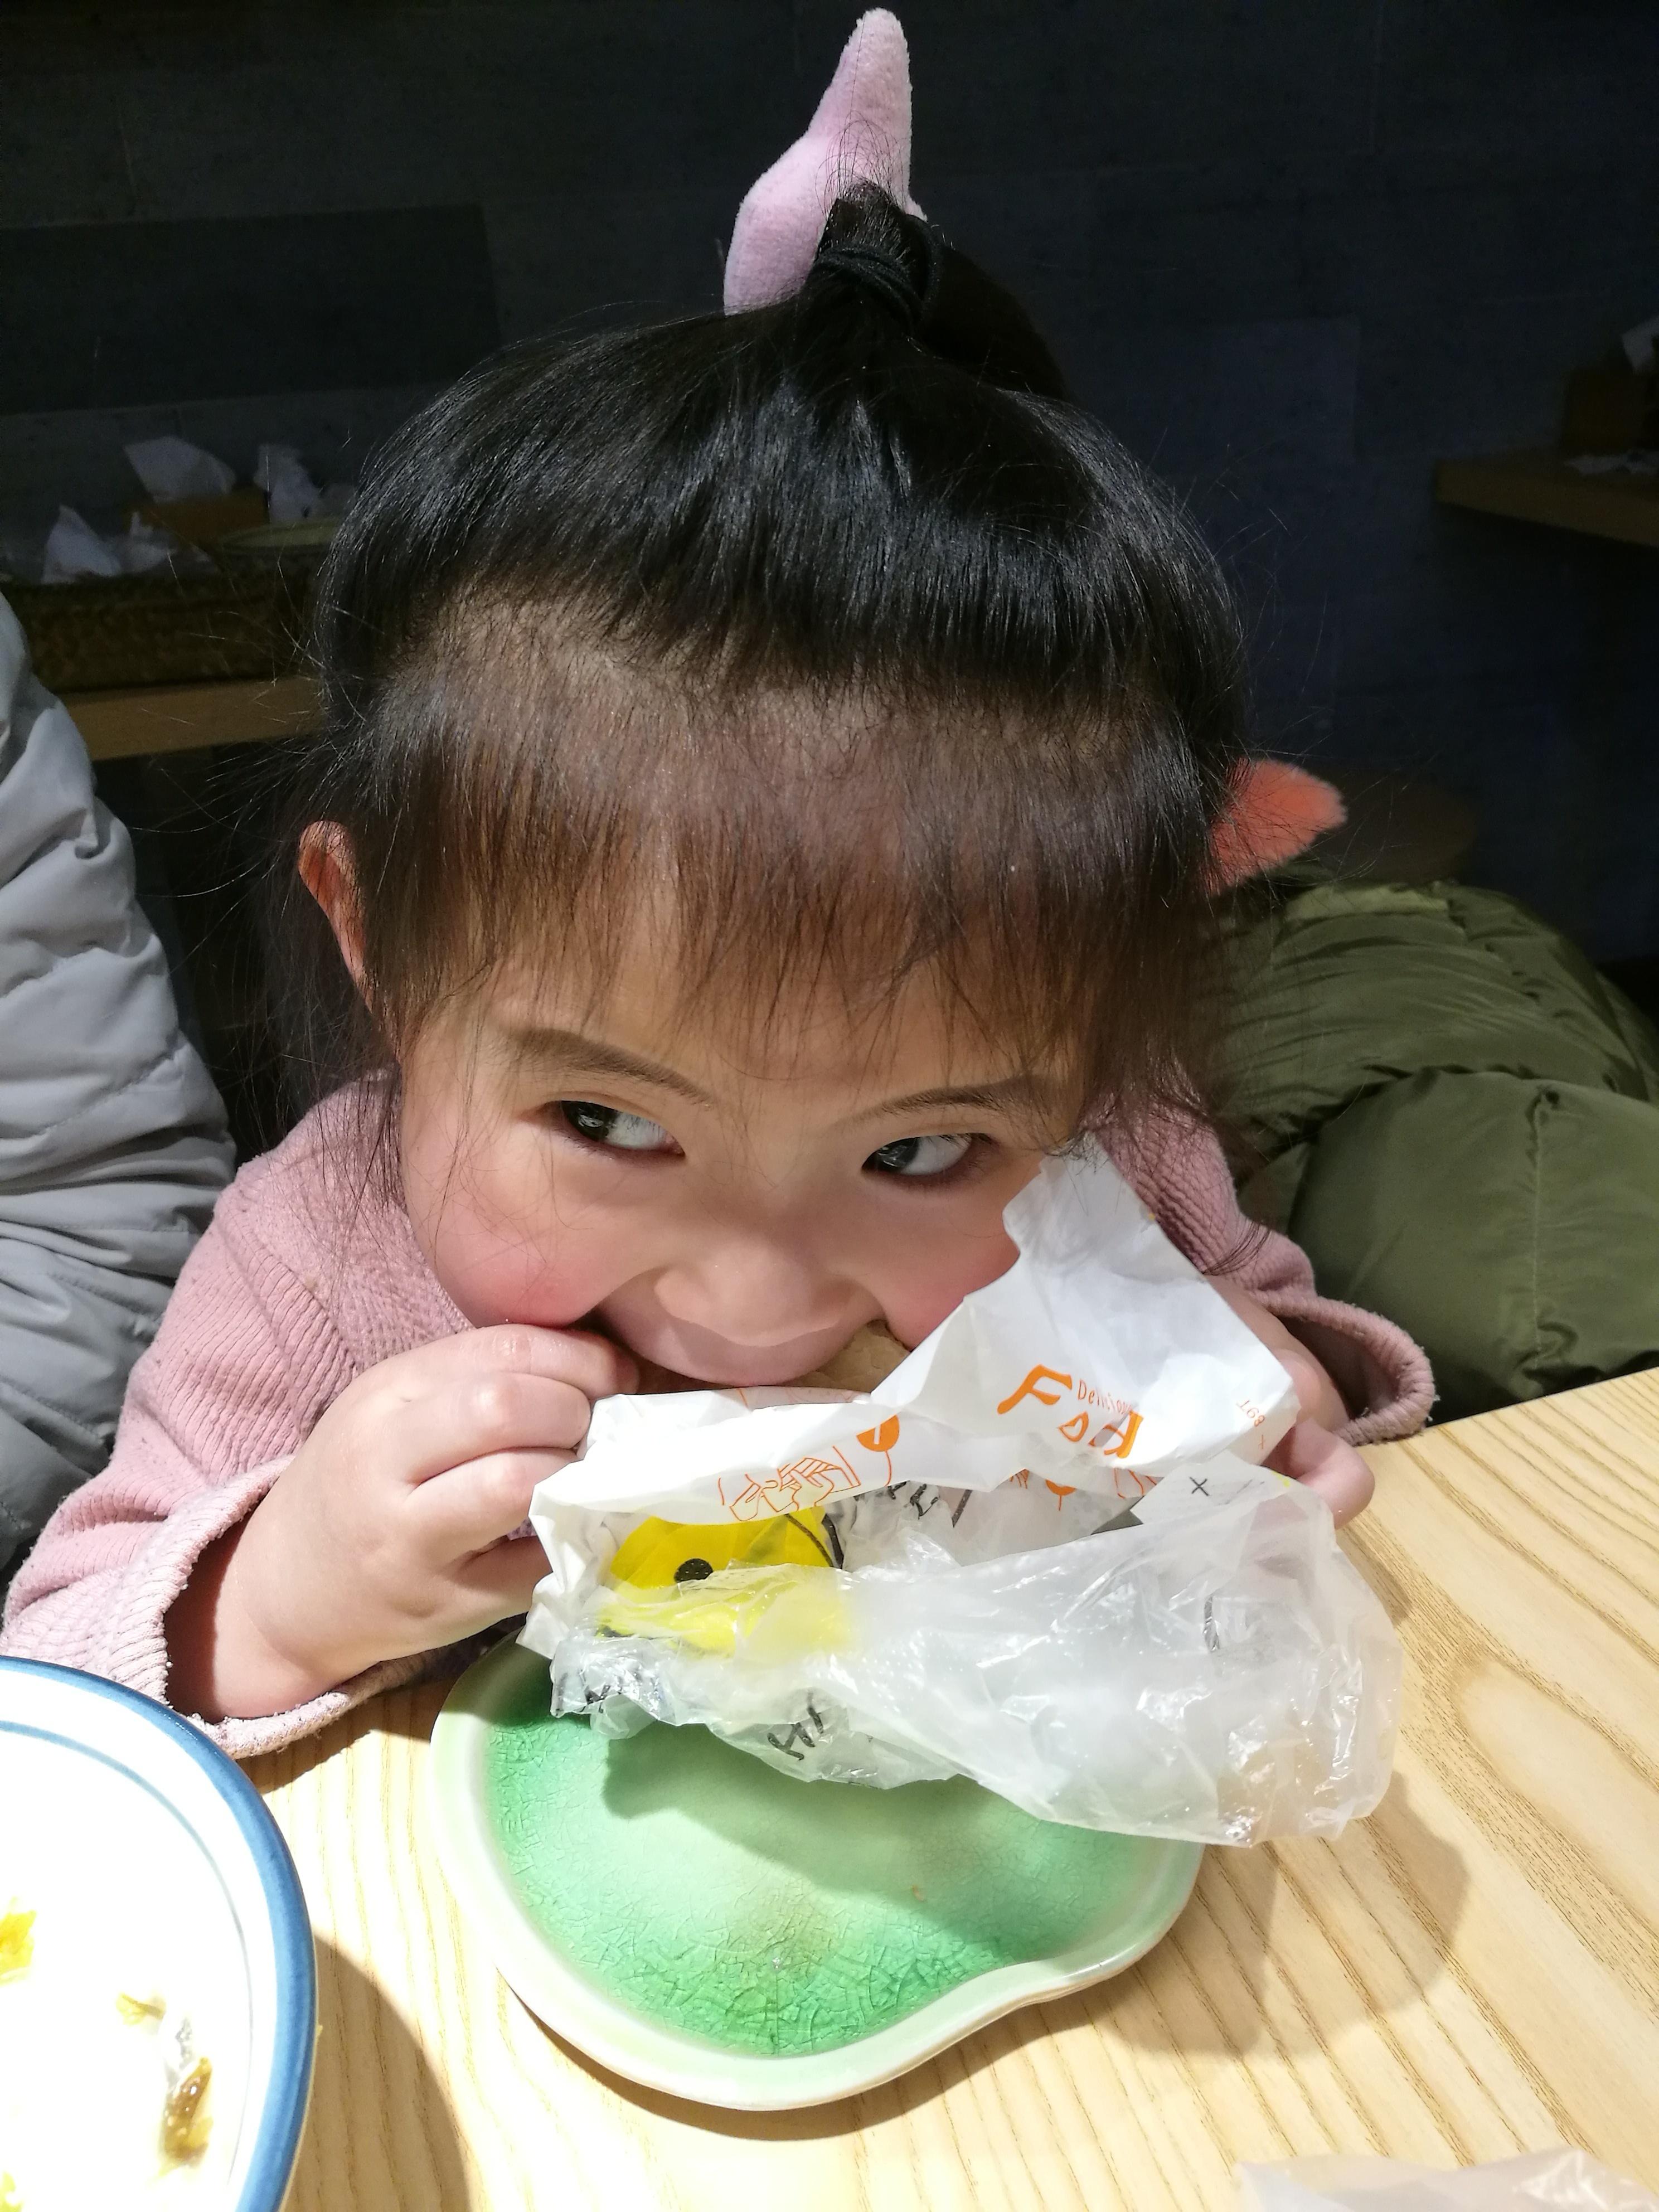 小孩吃�9���Y_儿童 孩子 小孩 2976_3968 竖版 竖屏